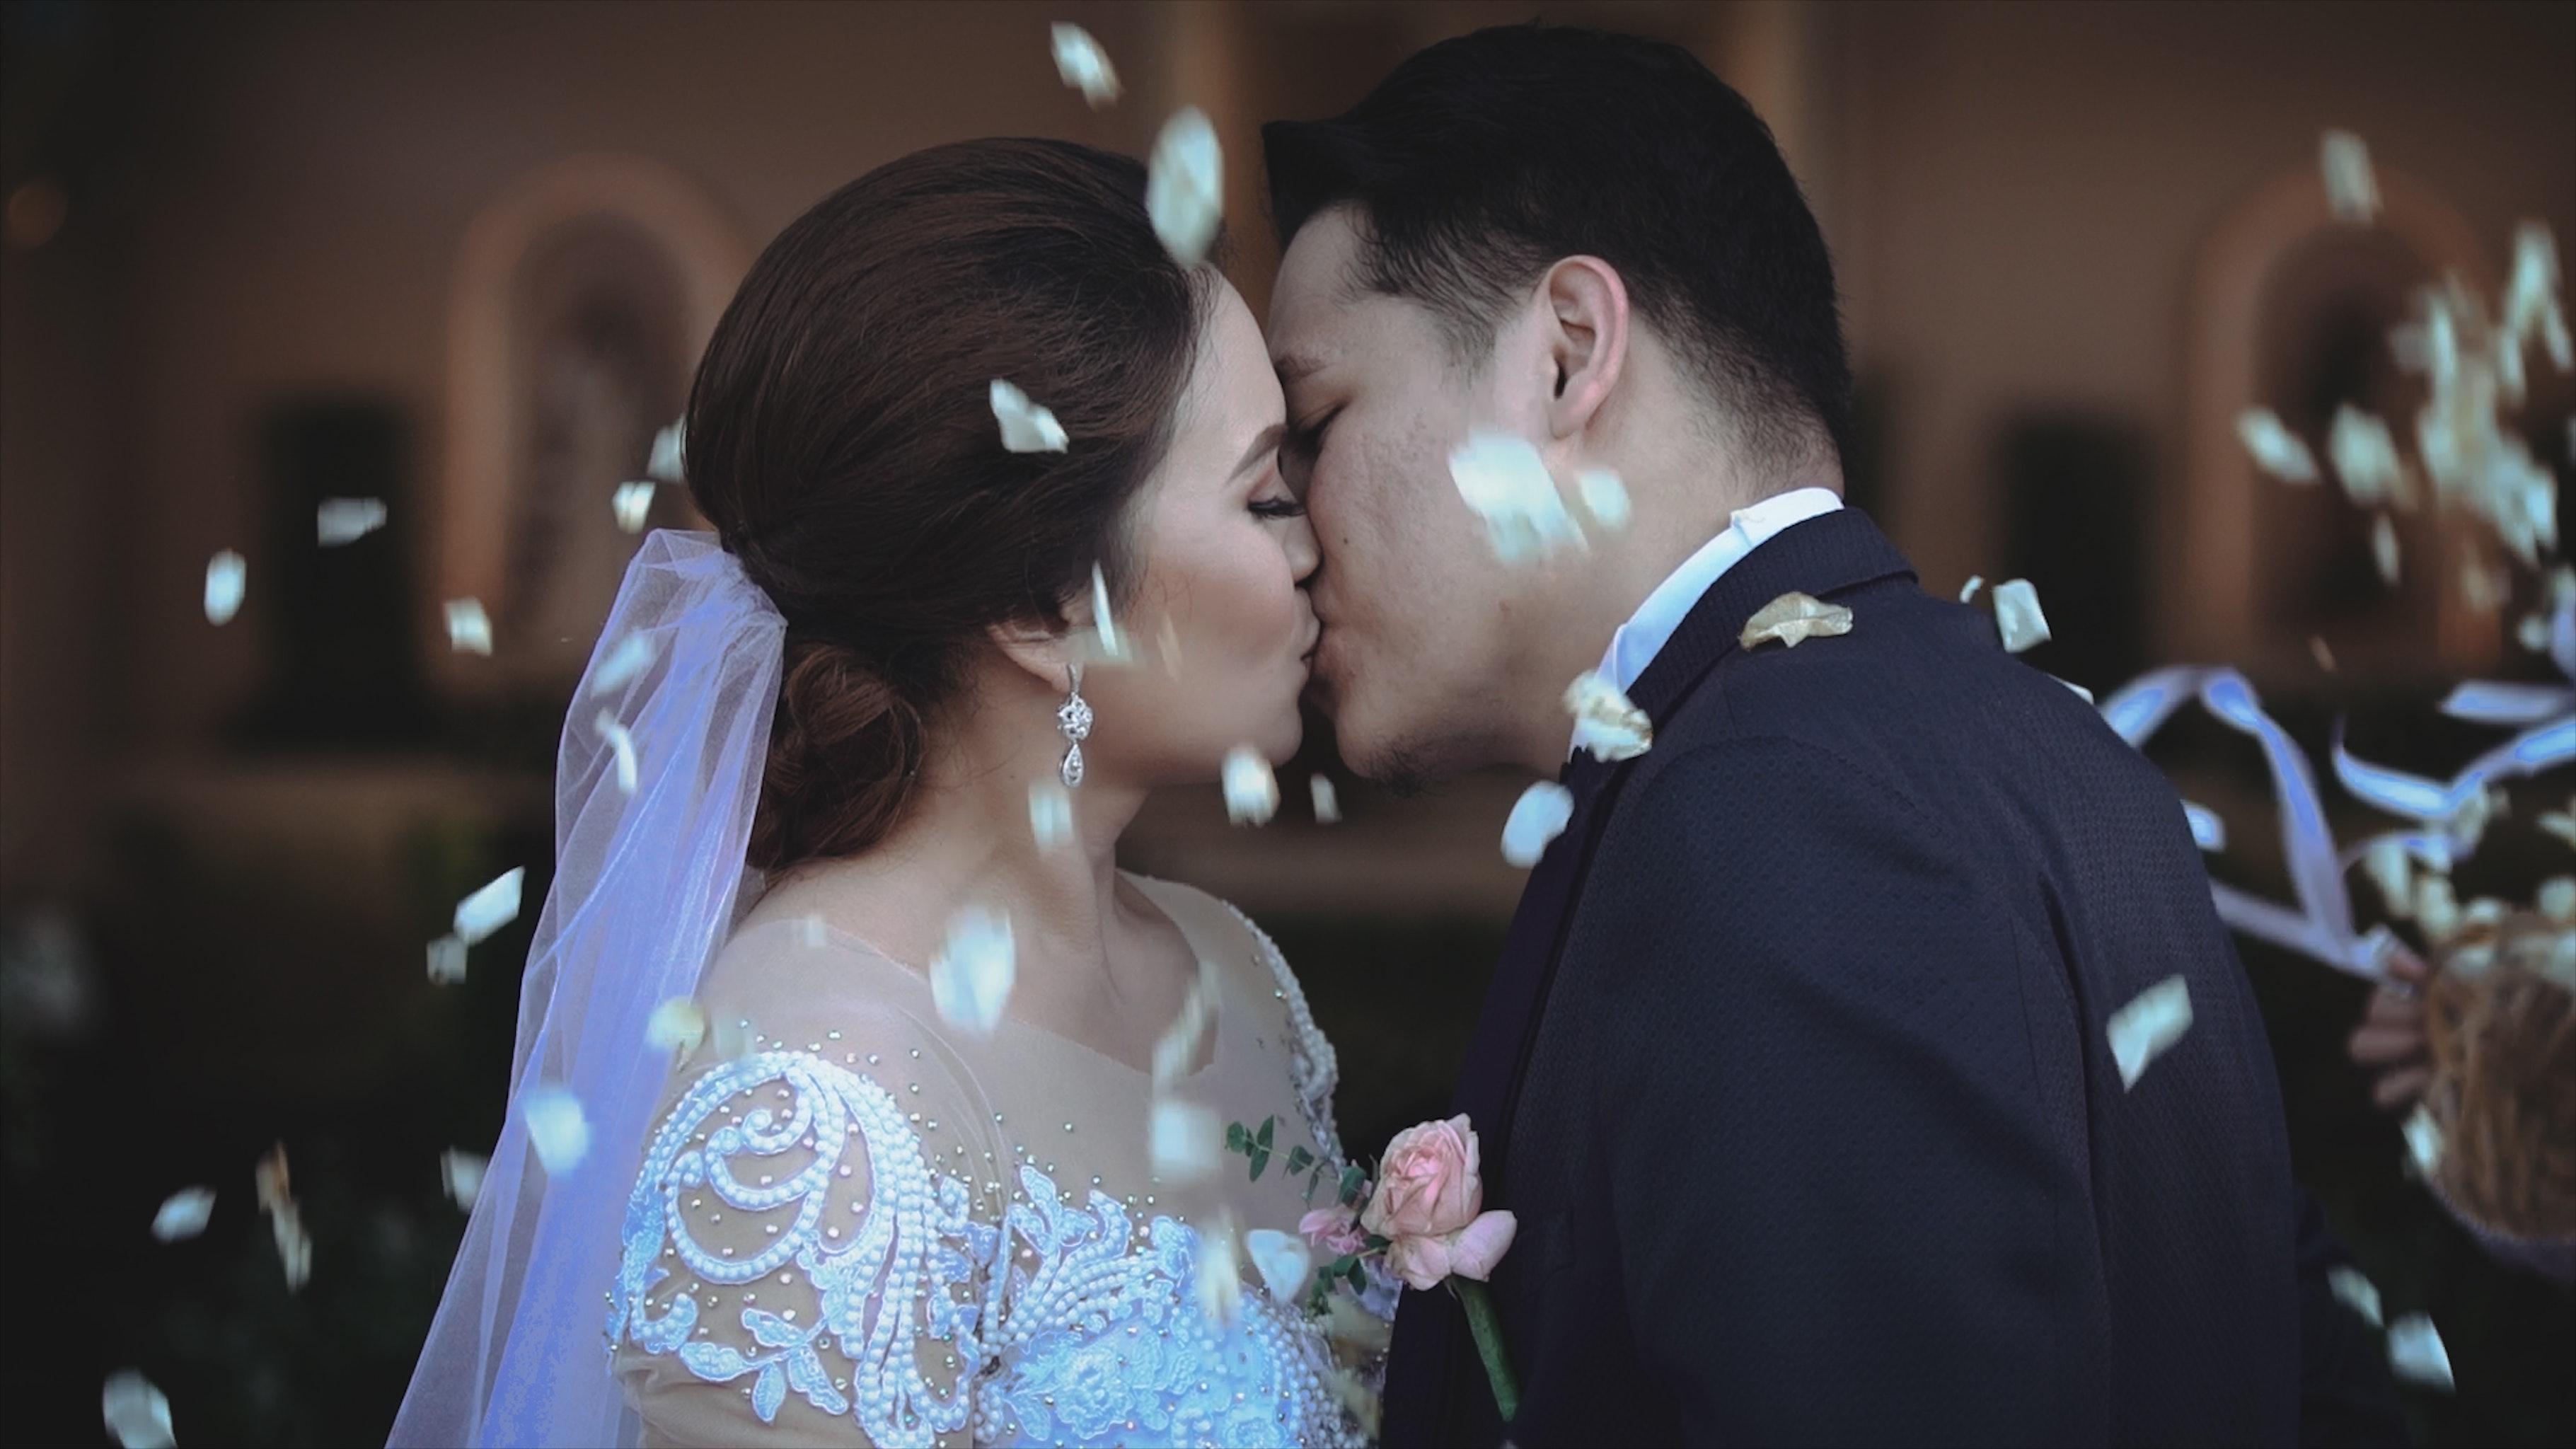 Terminarz weselny – Co? Kiedy? I w jakiej kolejności?